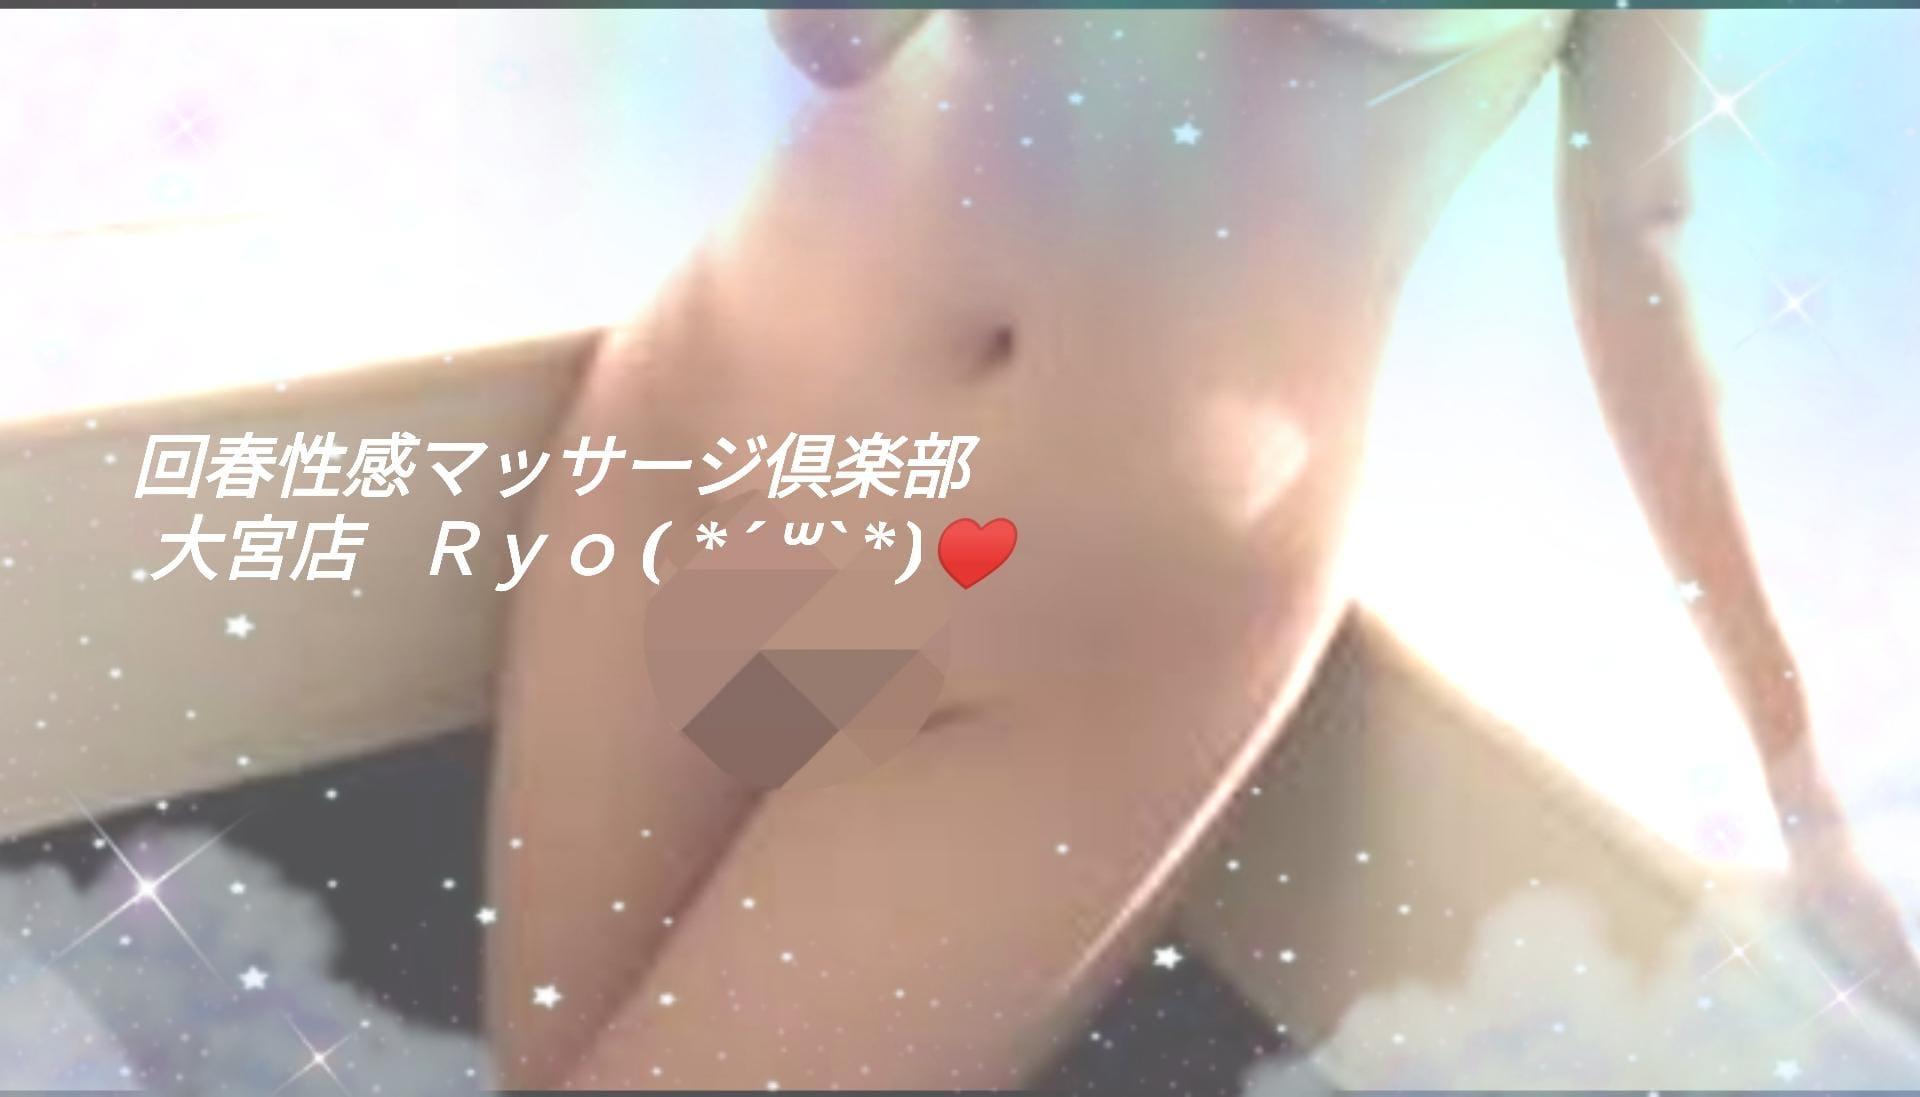 「すっぽんぽーん(*? ??)?」10/16(火) 03:02 | りょうの写メ・風俗動画